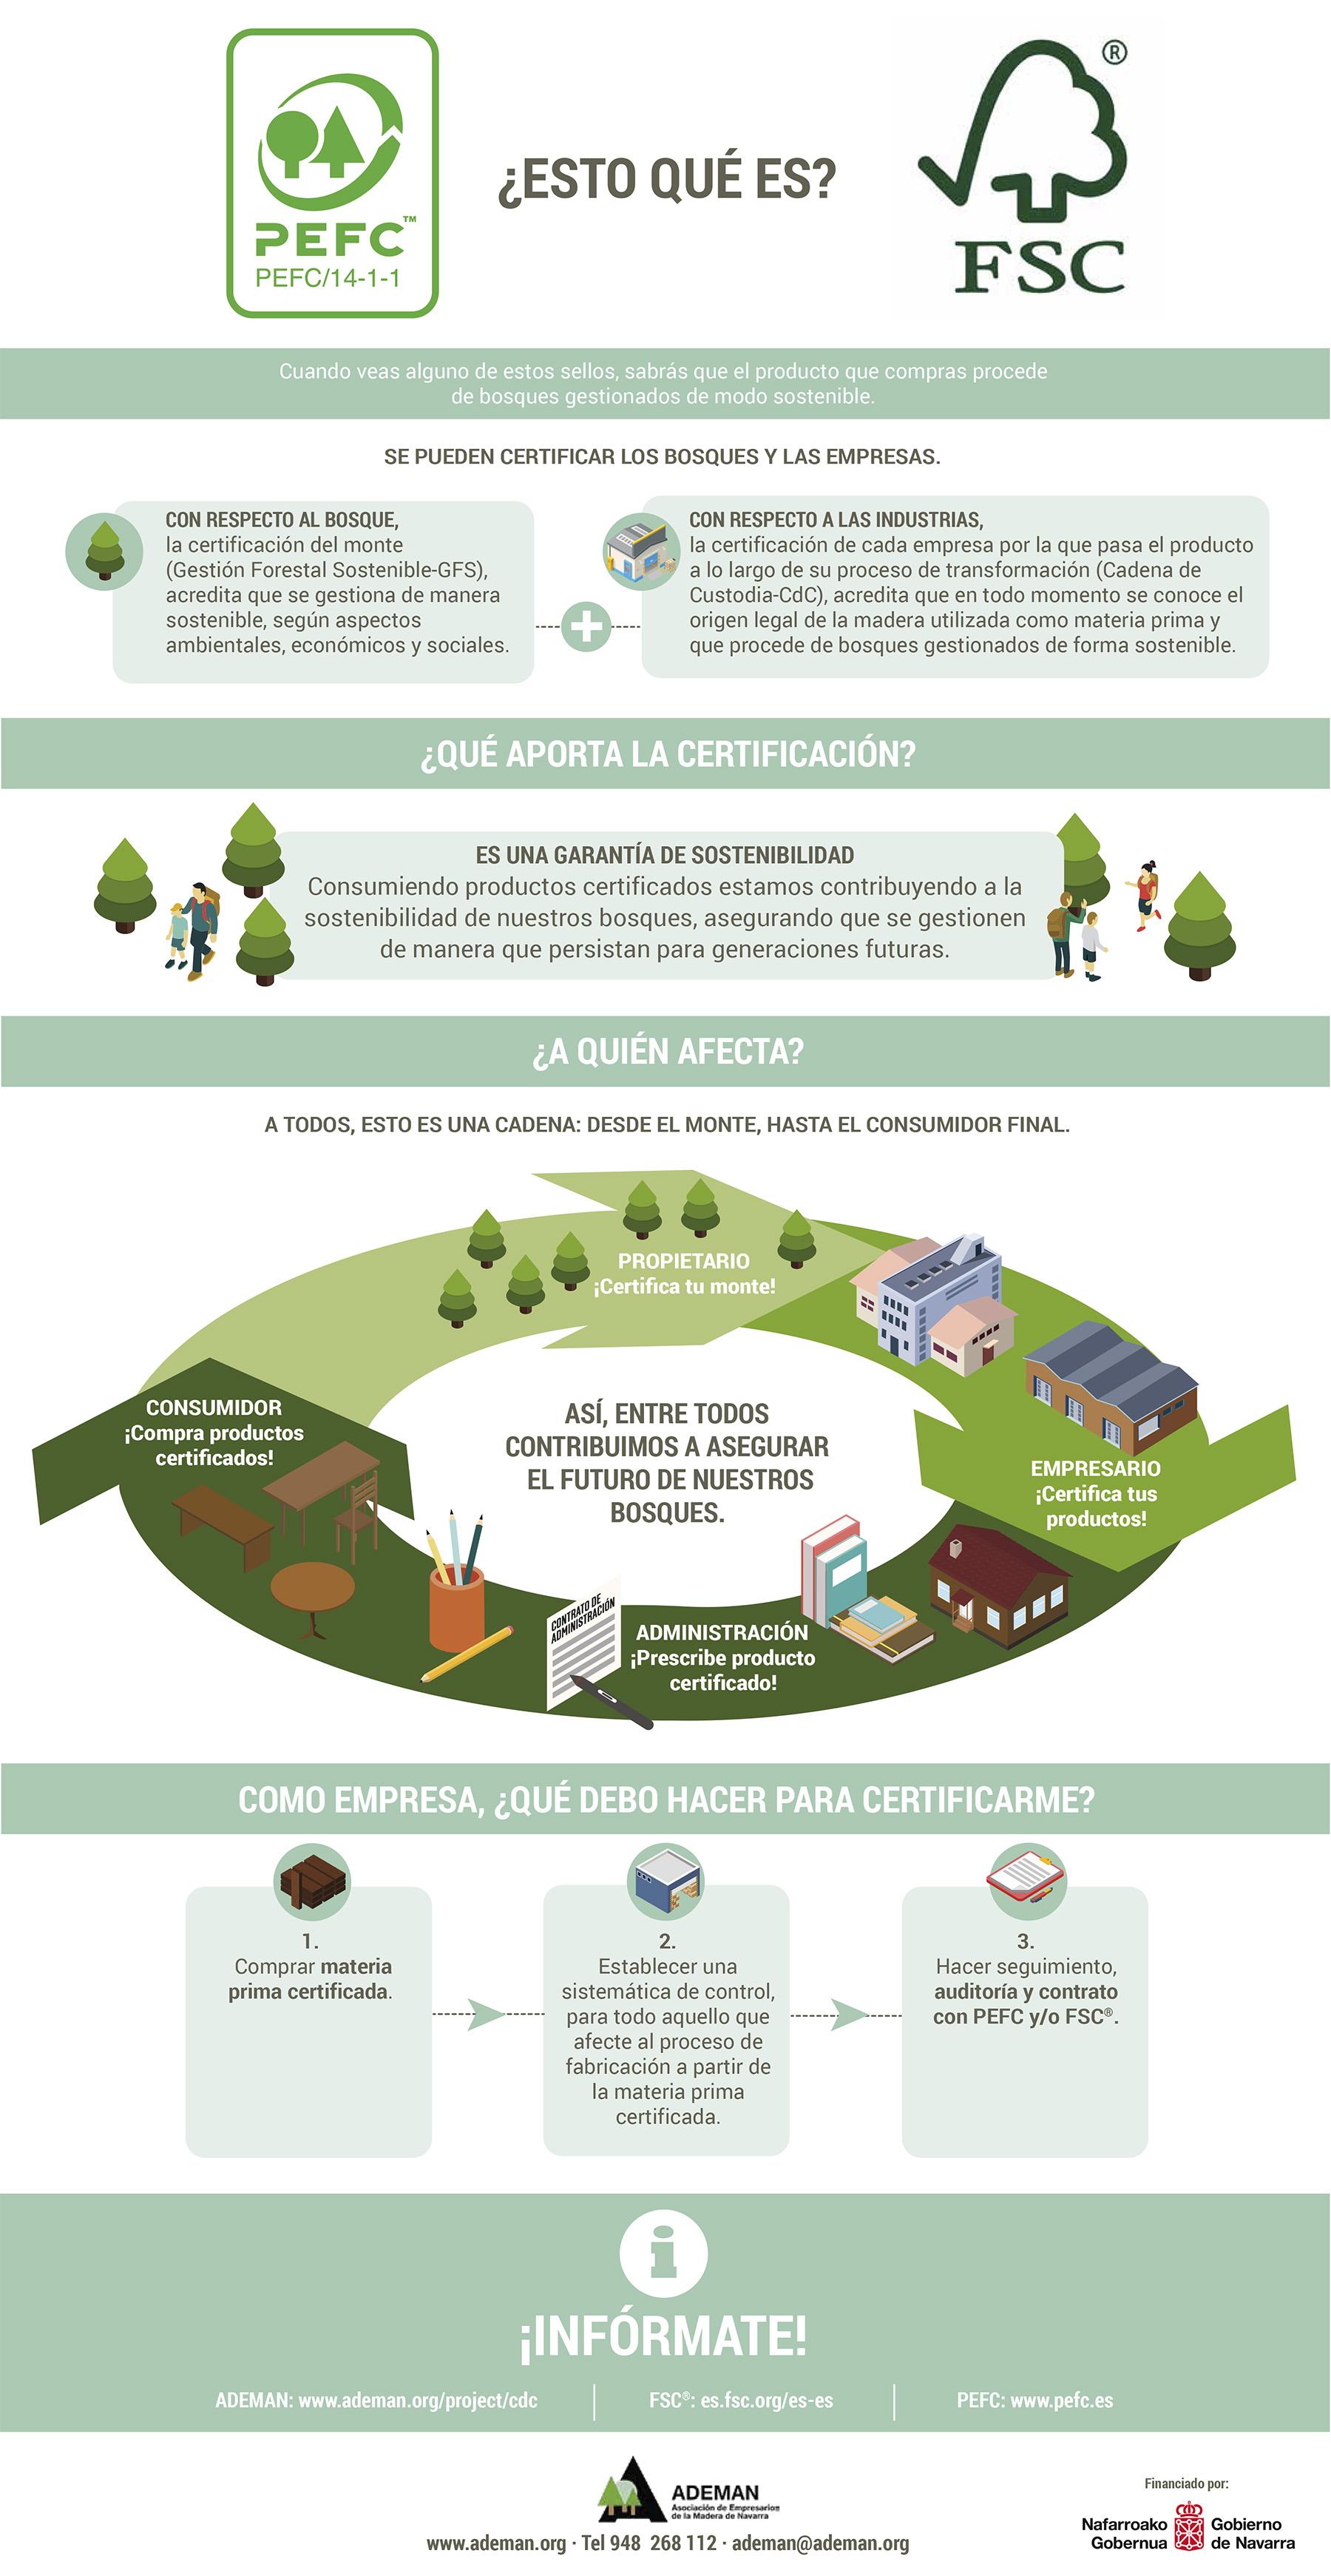 Infografía CDC Ademan